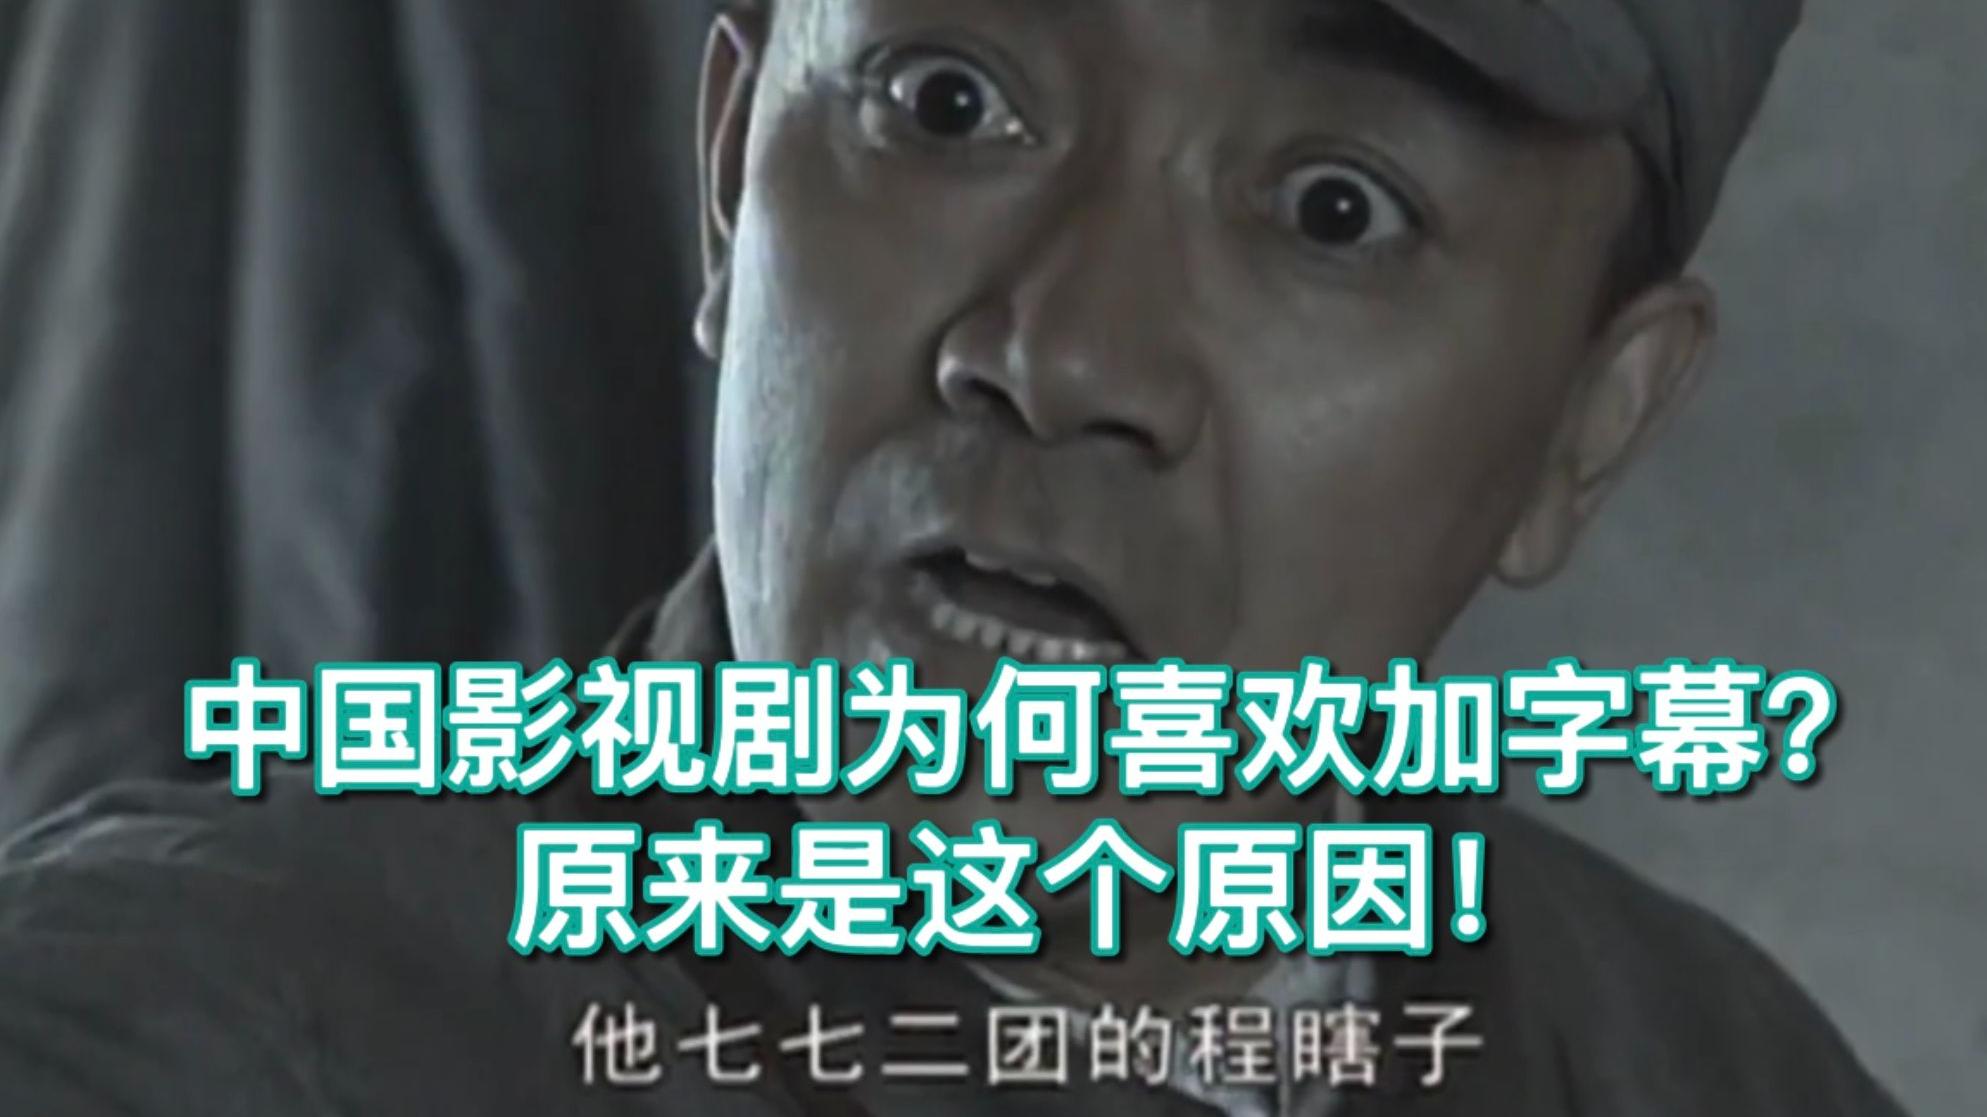 【视频字幕】你是否想过为啥中国的影视剧都喜欢加字幕?而其他国家很少加?原来是这个原因!